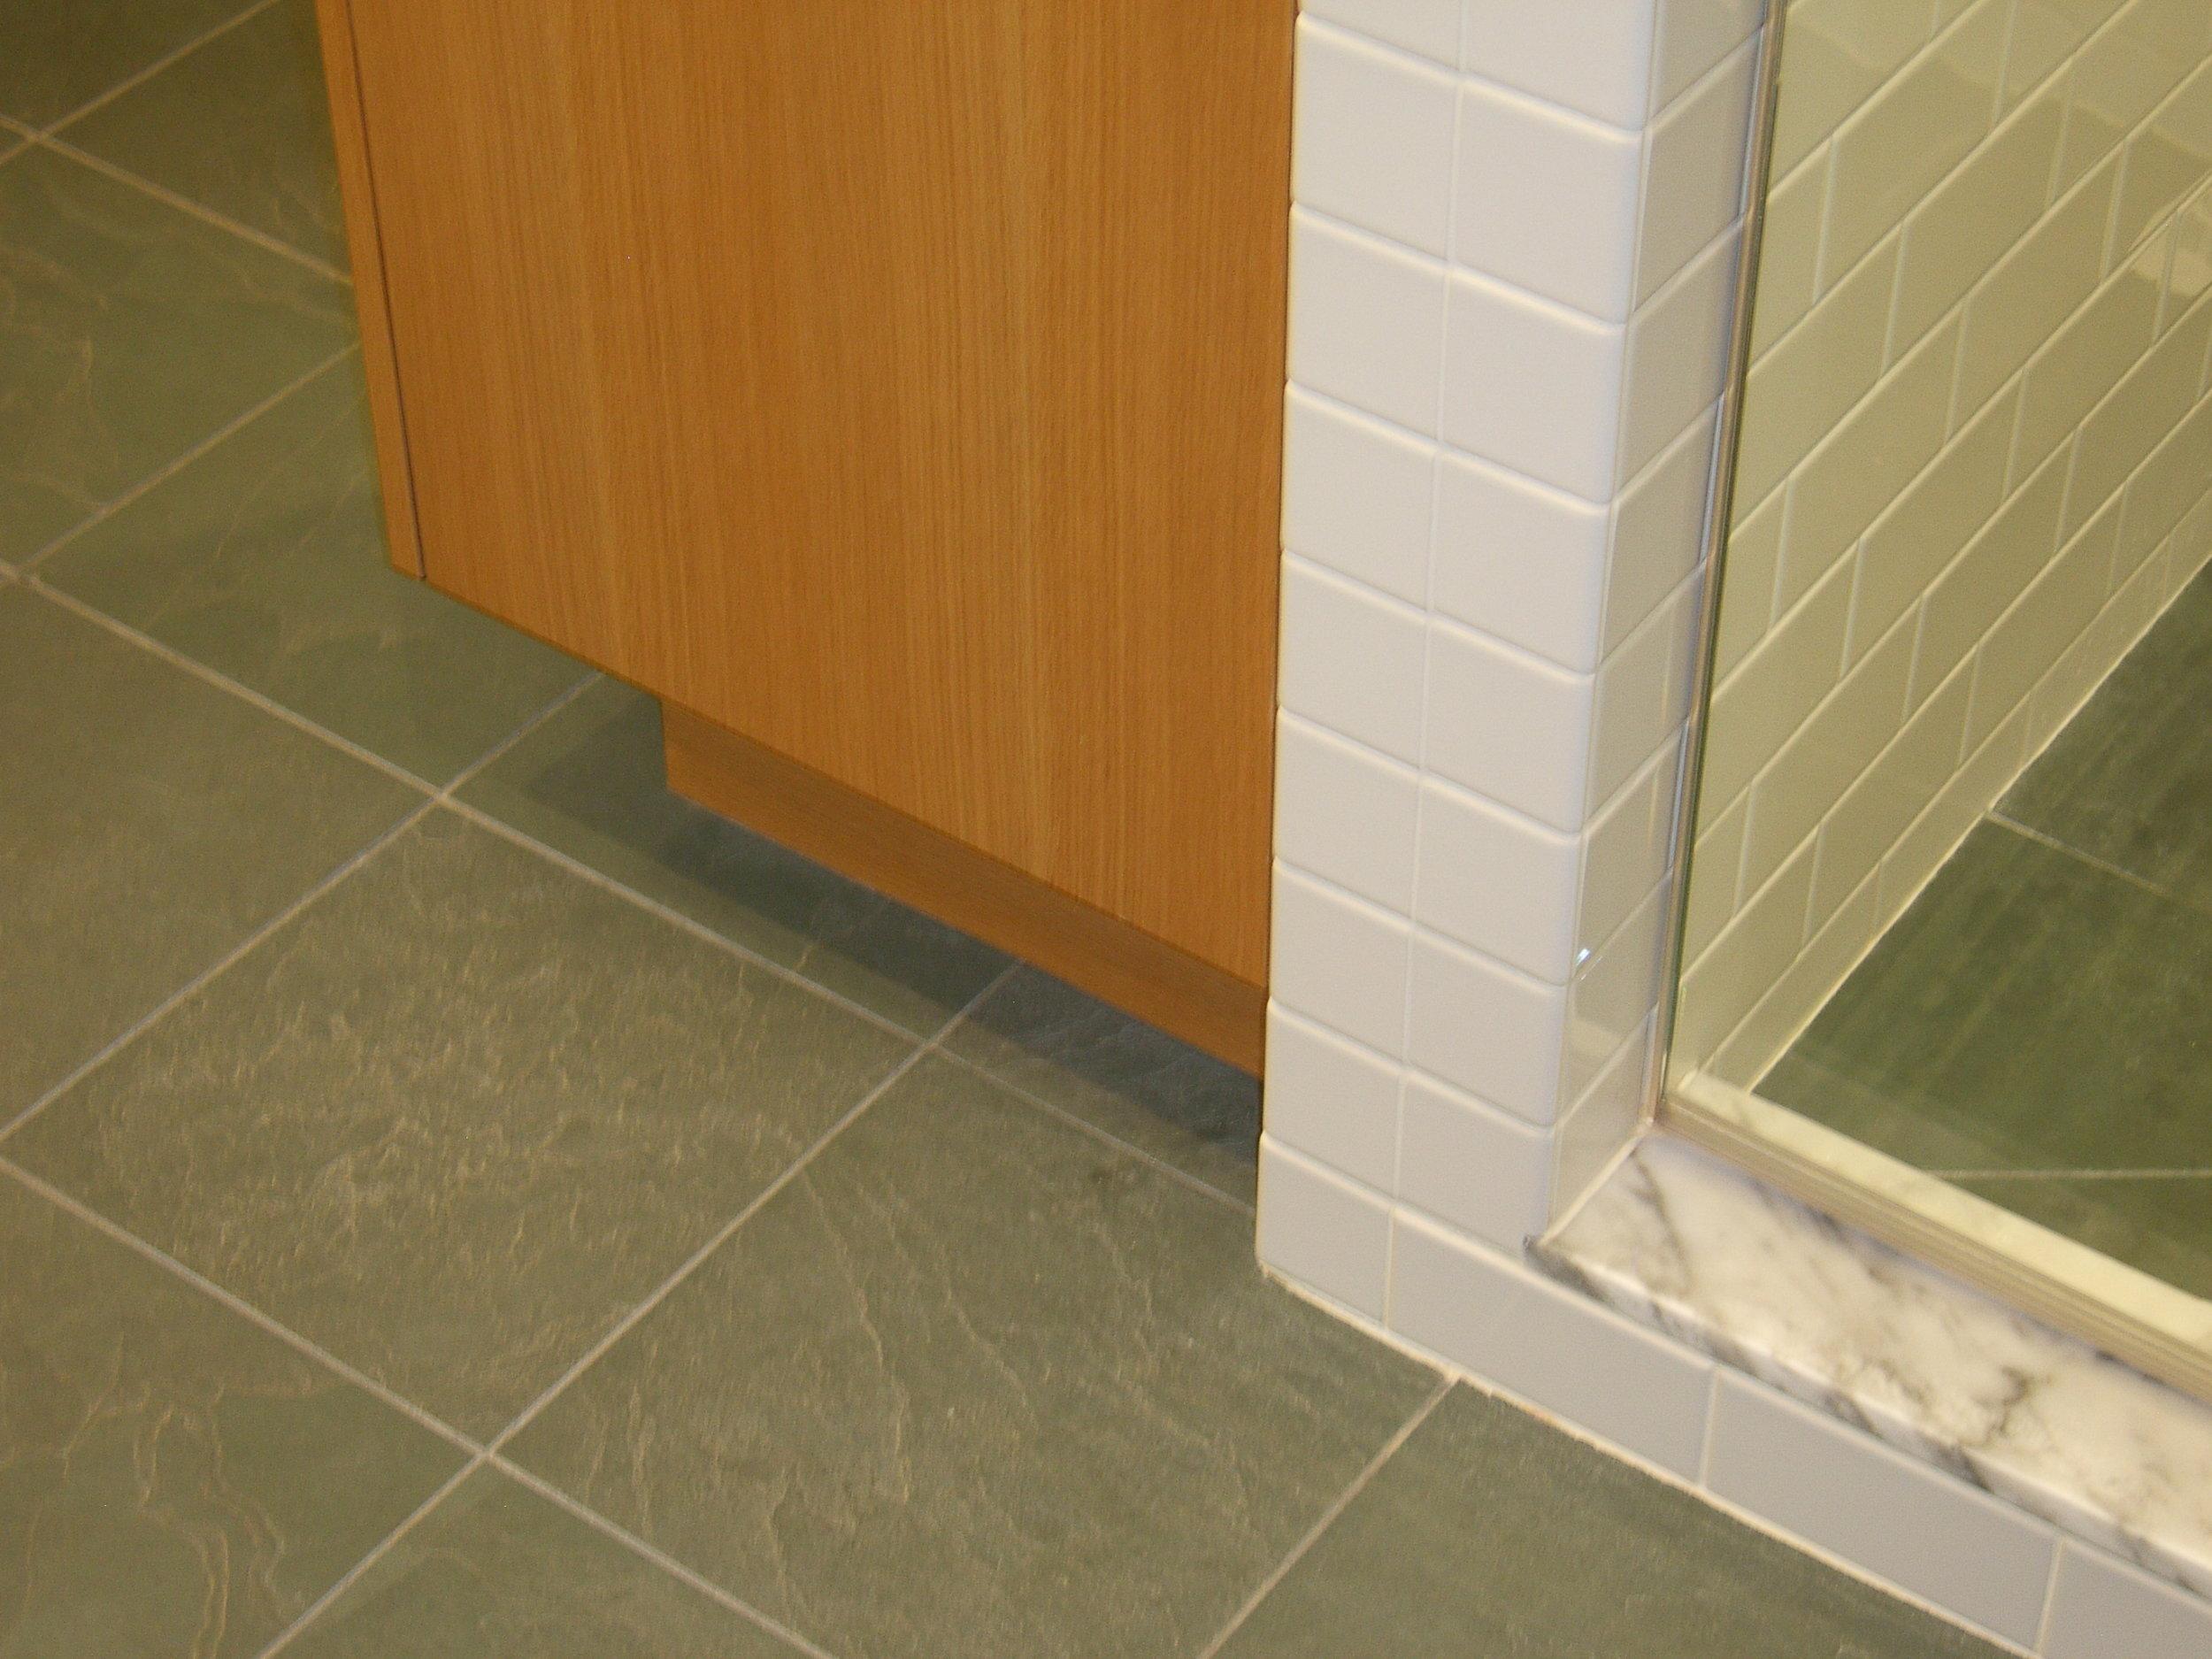 Fullerton_Parkway_Residence_Interior_Bathroom_Curb_Detail.JPG